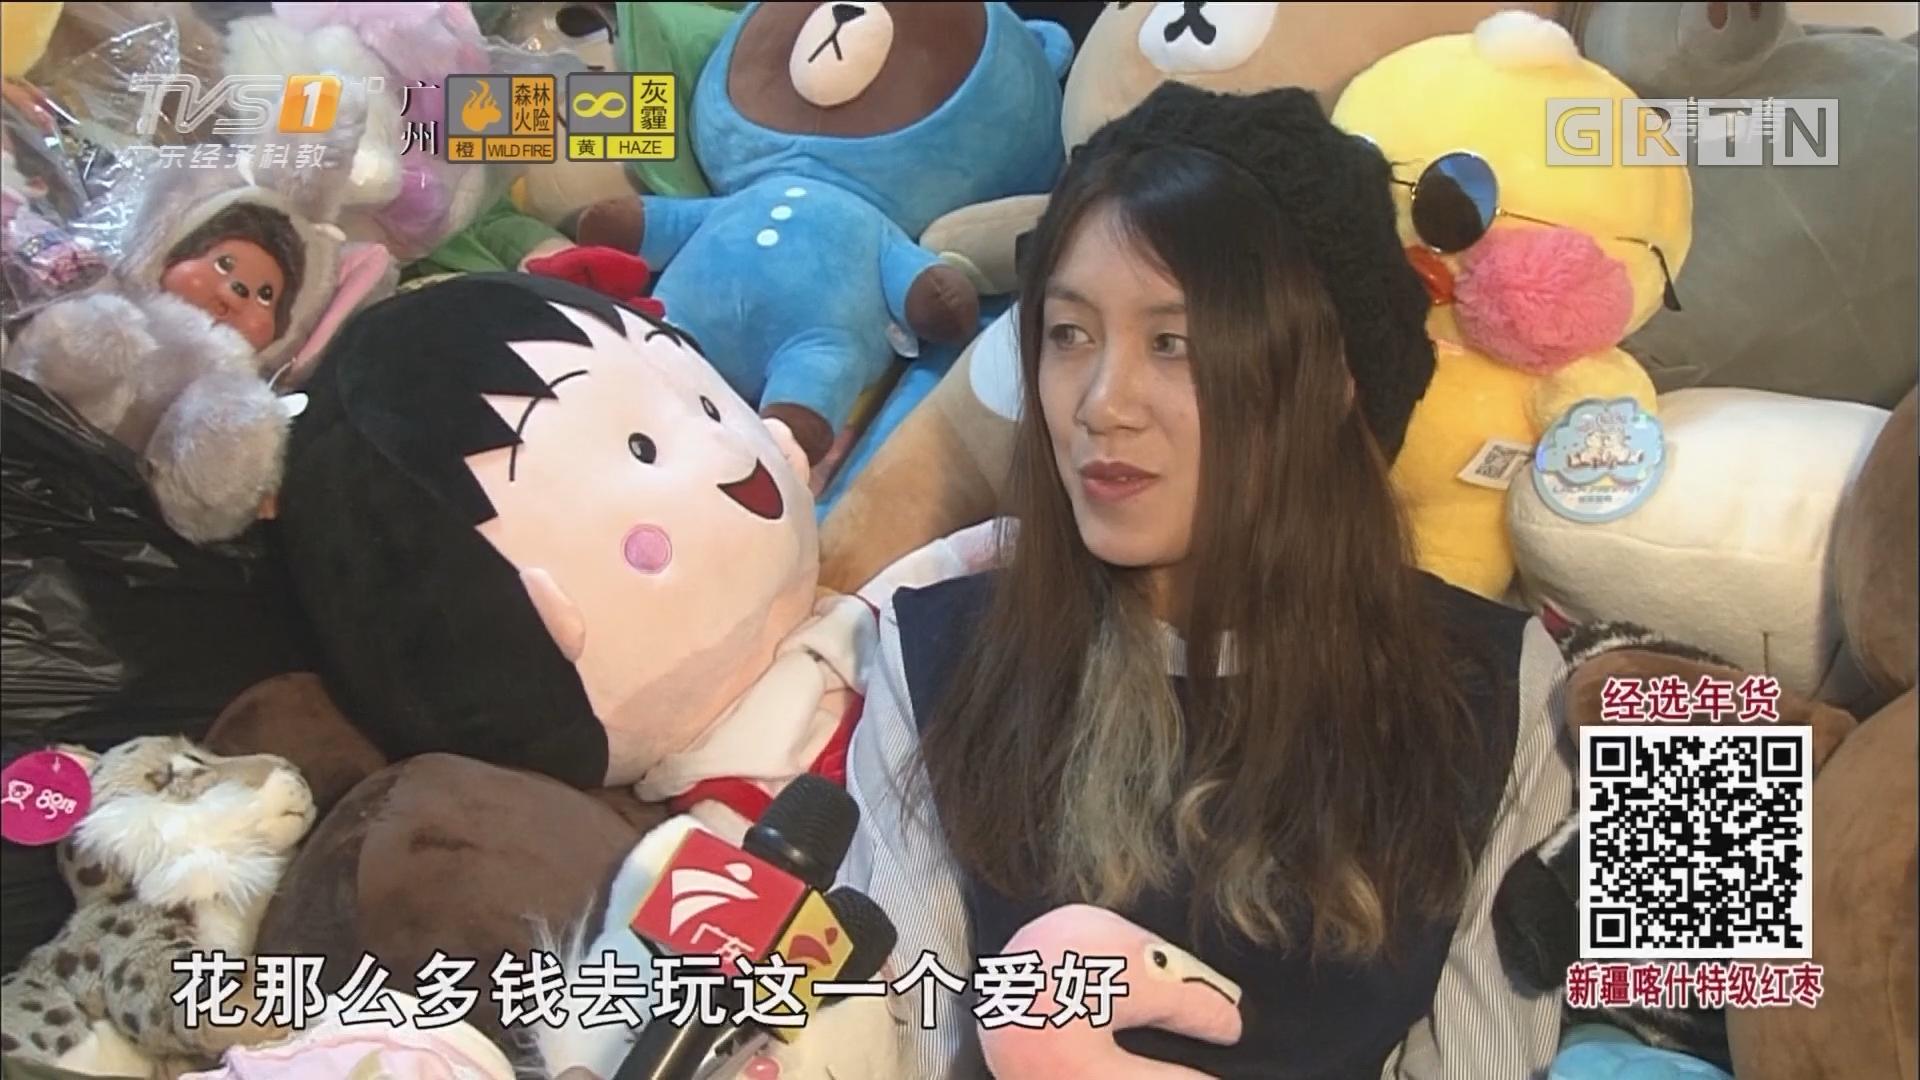 广东90后美女一年花4万多抓了近7千个娃娃